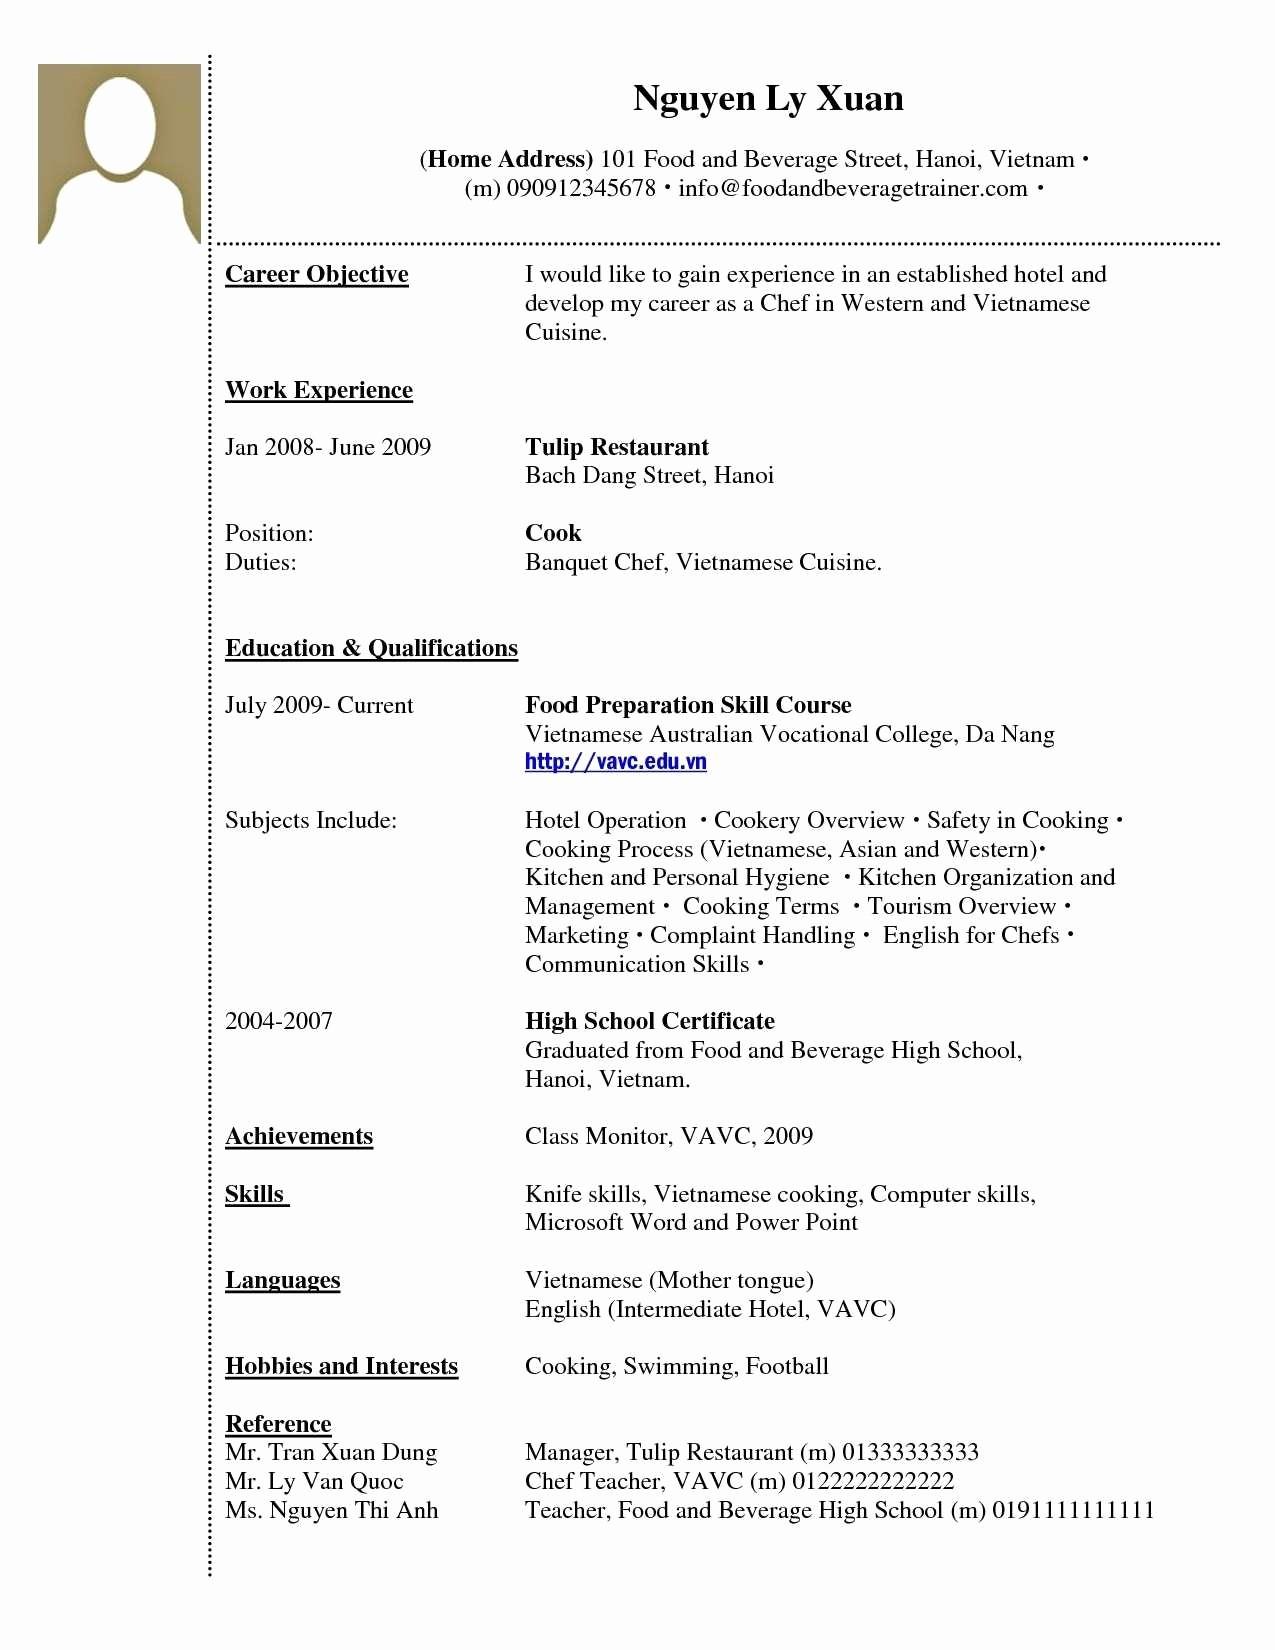 Resume Setup On Microsoft Word Inspirational Resume Setup Example Inspiration Setting Up Resume Setup